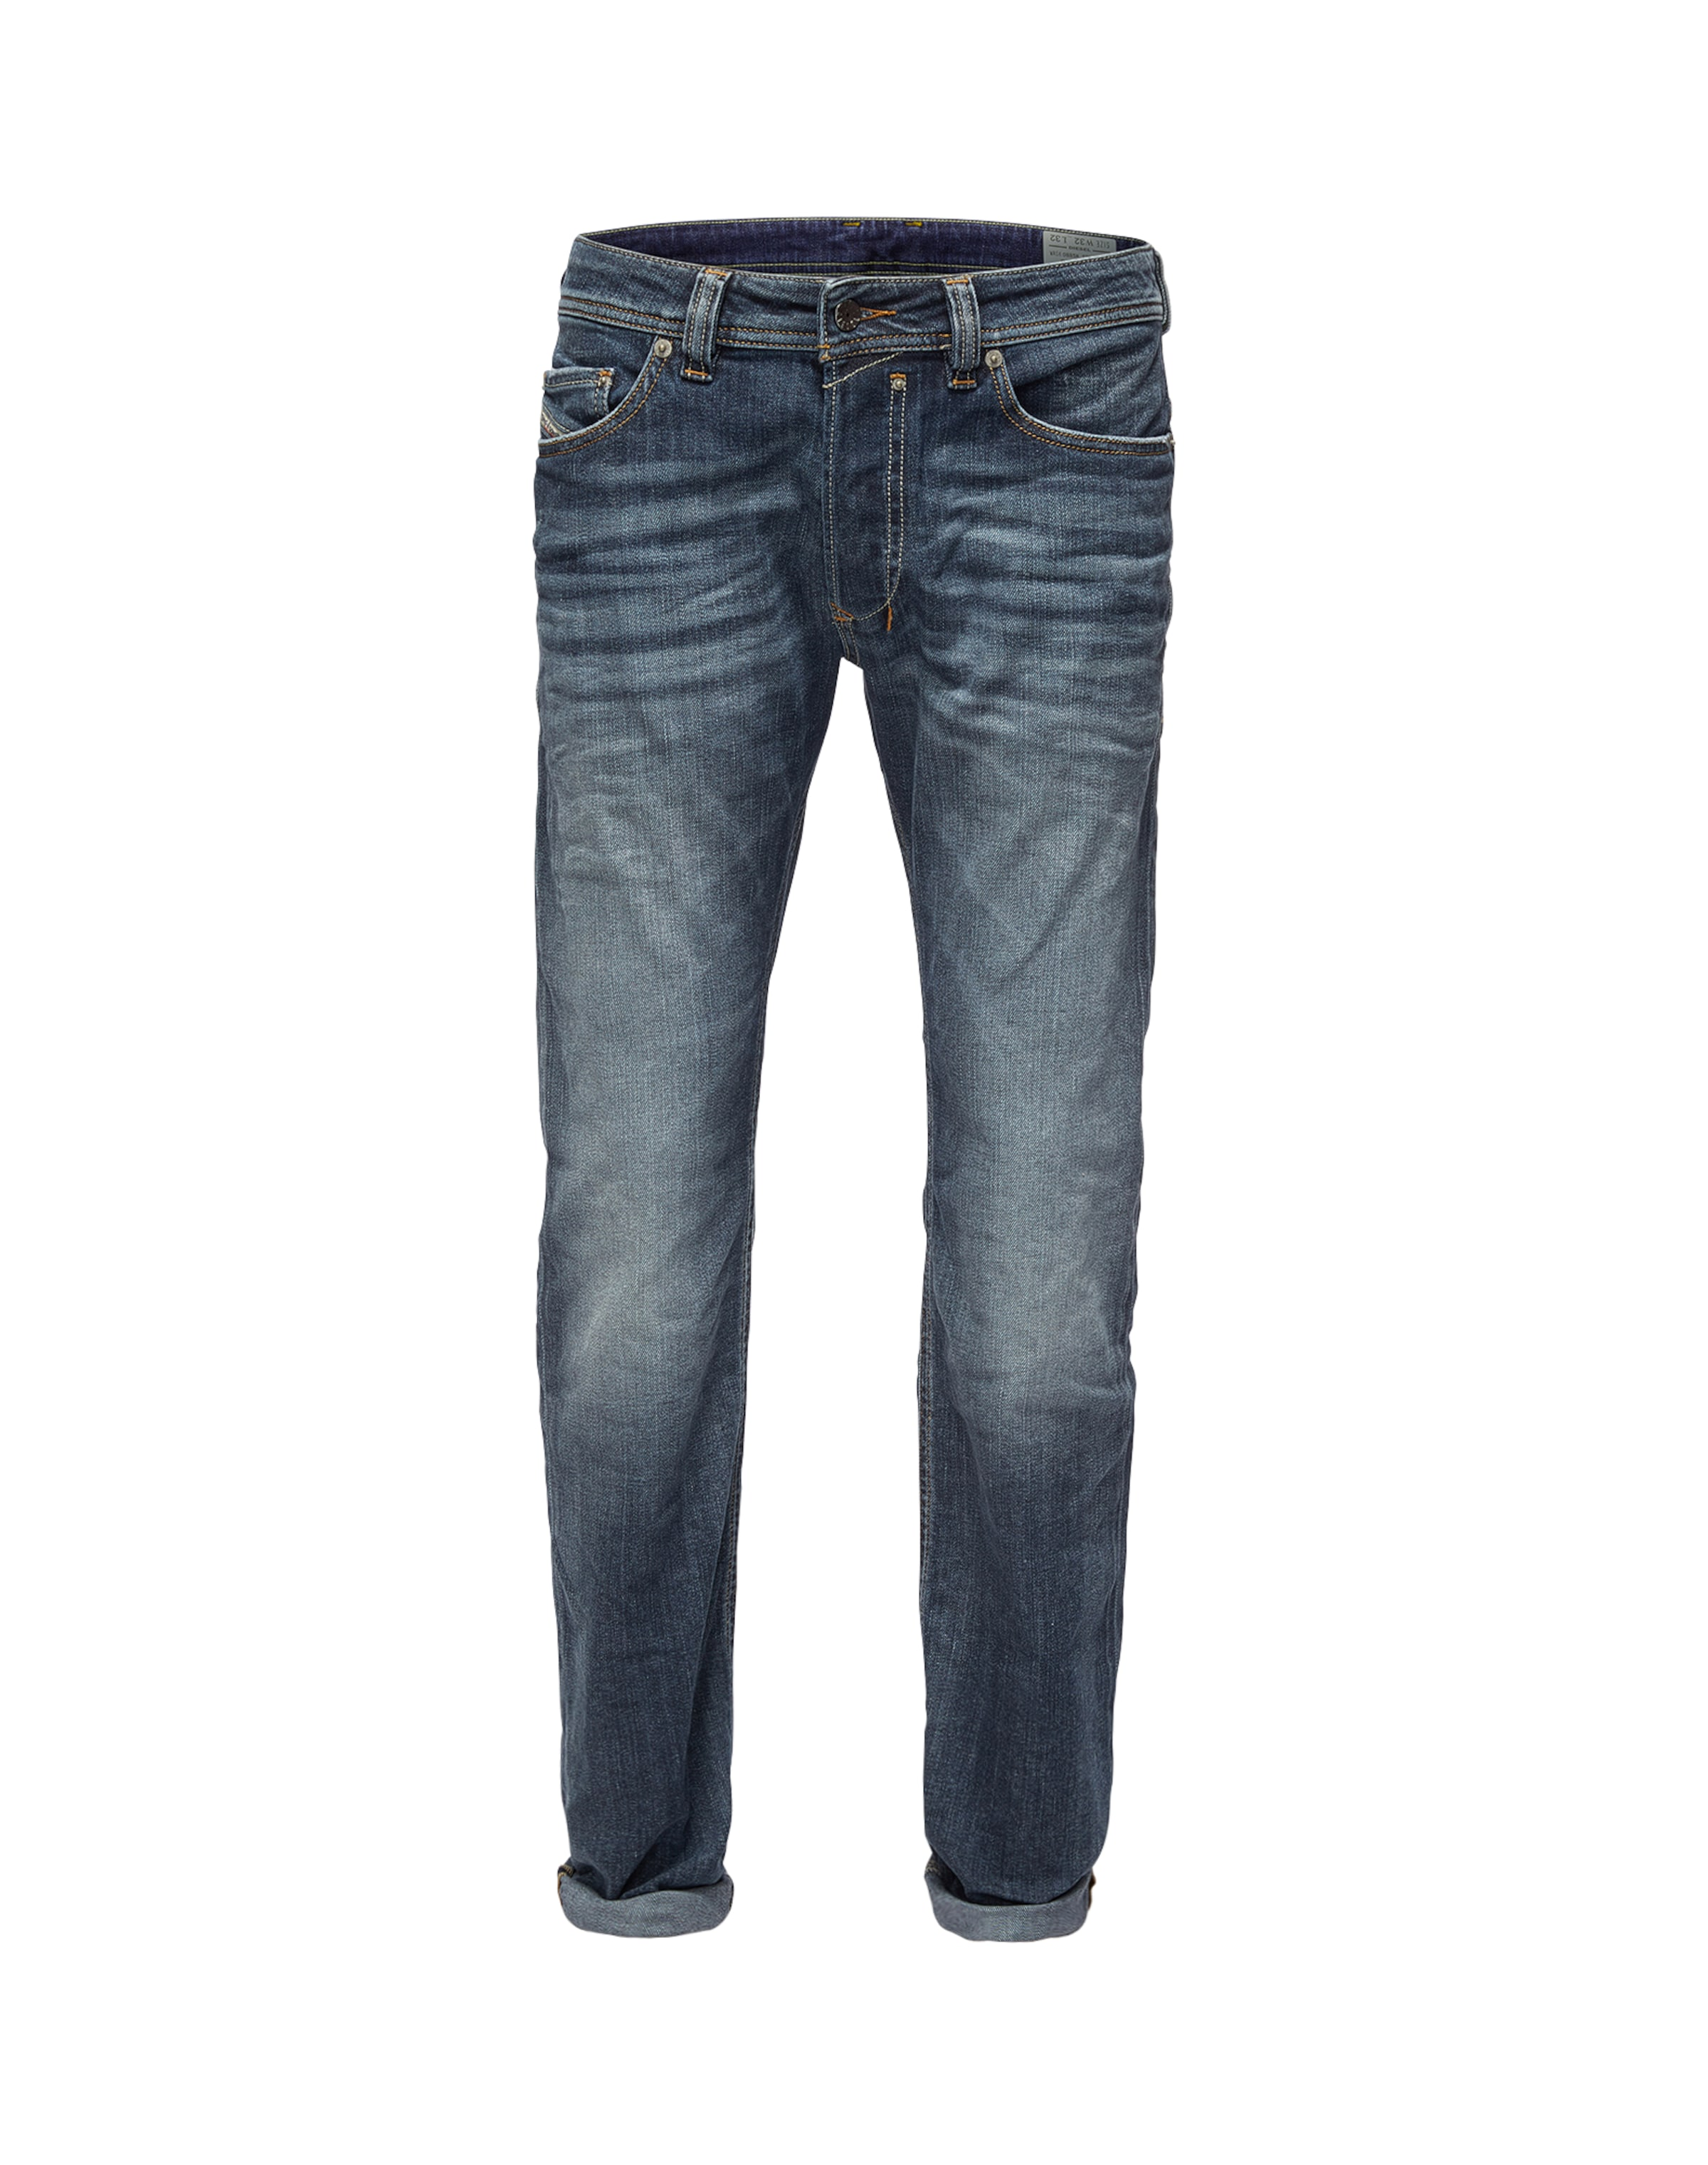 Billig Verkauf 2018 Neueste DIESEL Safado' Jeans Regular Fit 885K Billig Verkauf 2018 Neue 2018 Neue Finish Günstig Online d3icl0UVpZ